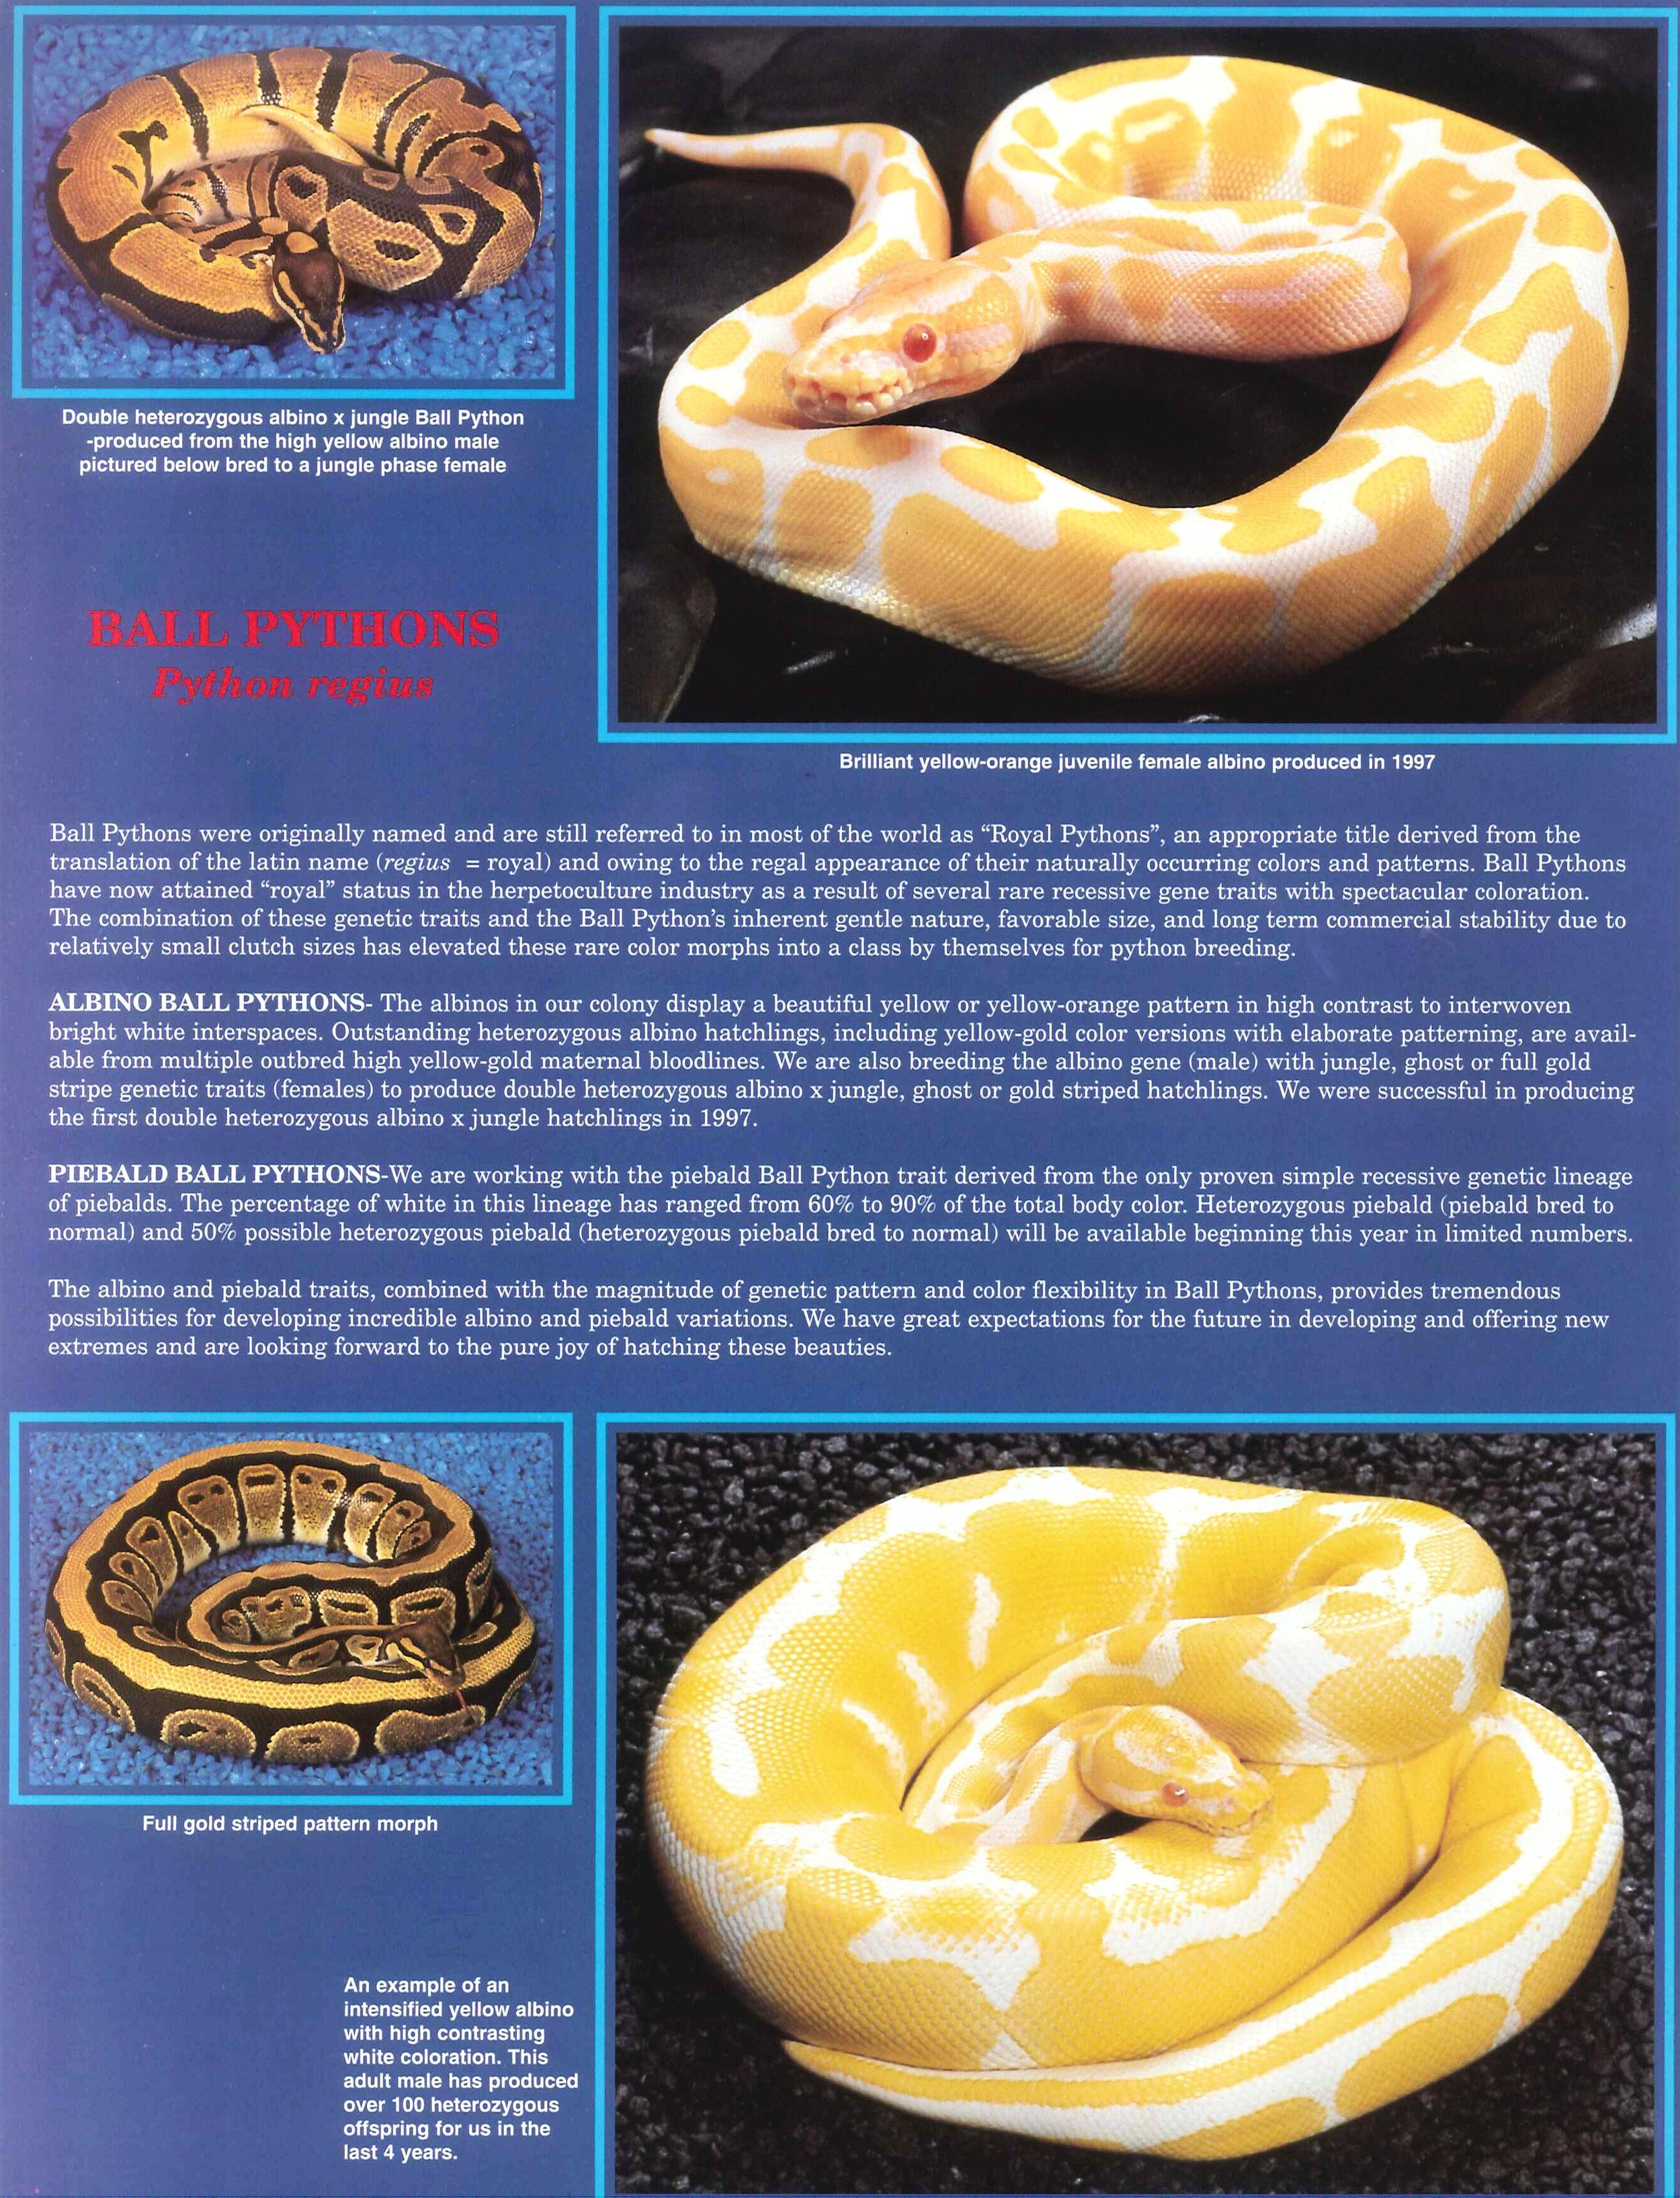 Professional Breeders Brochure_4.jpg